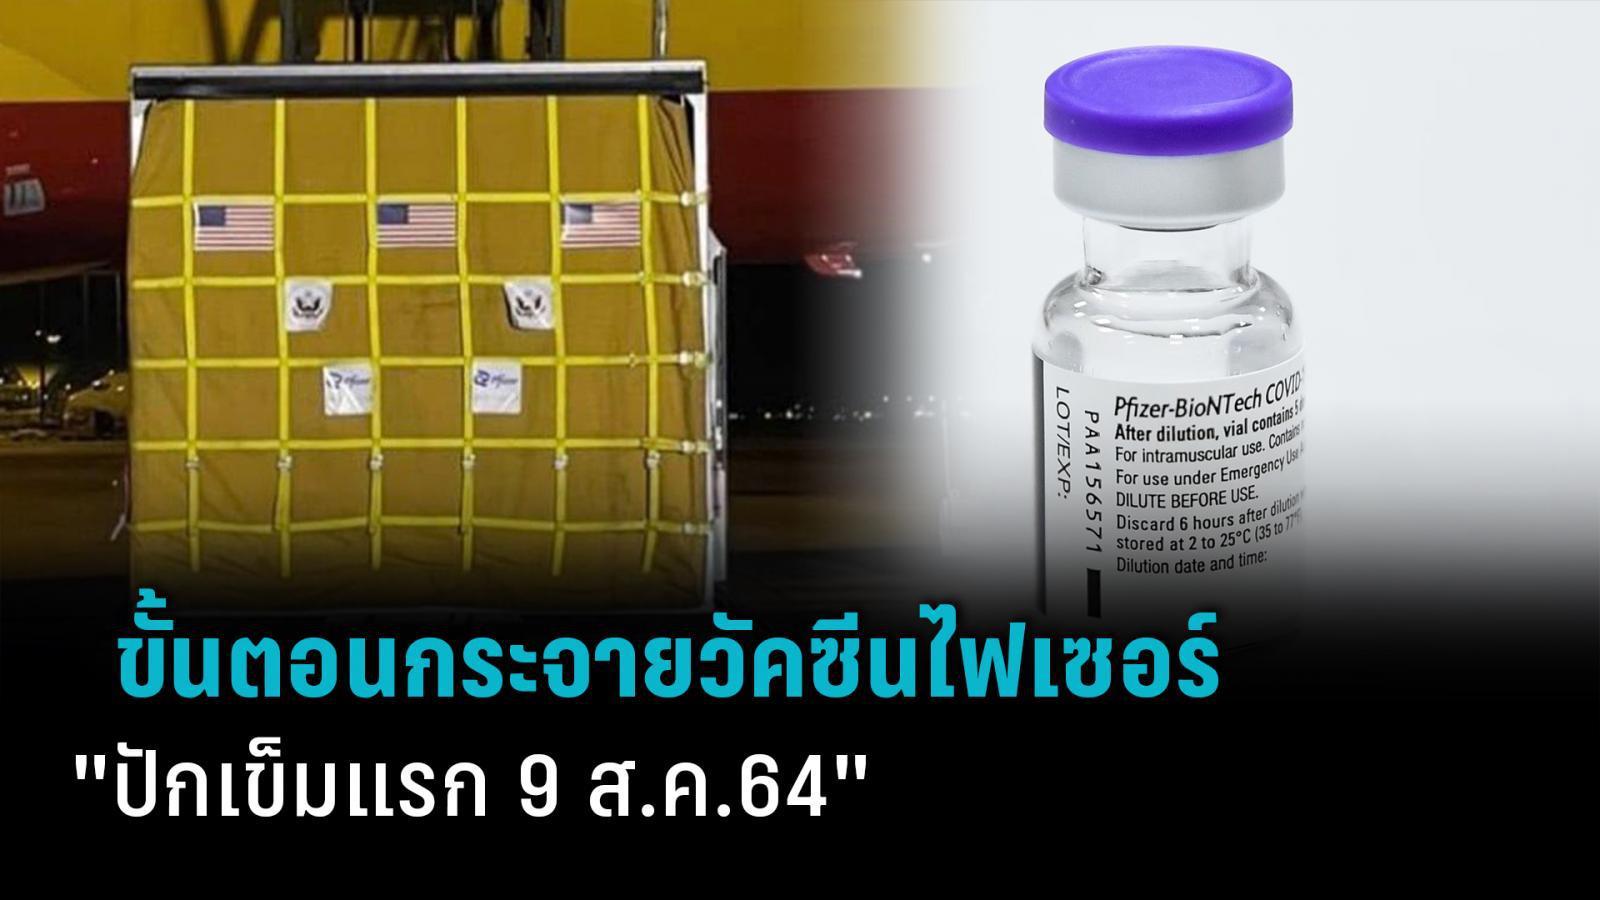 หมอโอภาส แจงขั้นตอน ไทม์ไลน์ วัคซีนไฟเซอร์ ปักเข็มแรก 9 ส.ค. 64